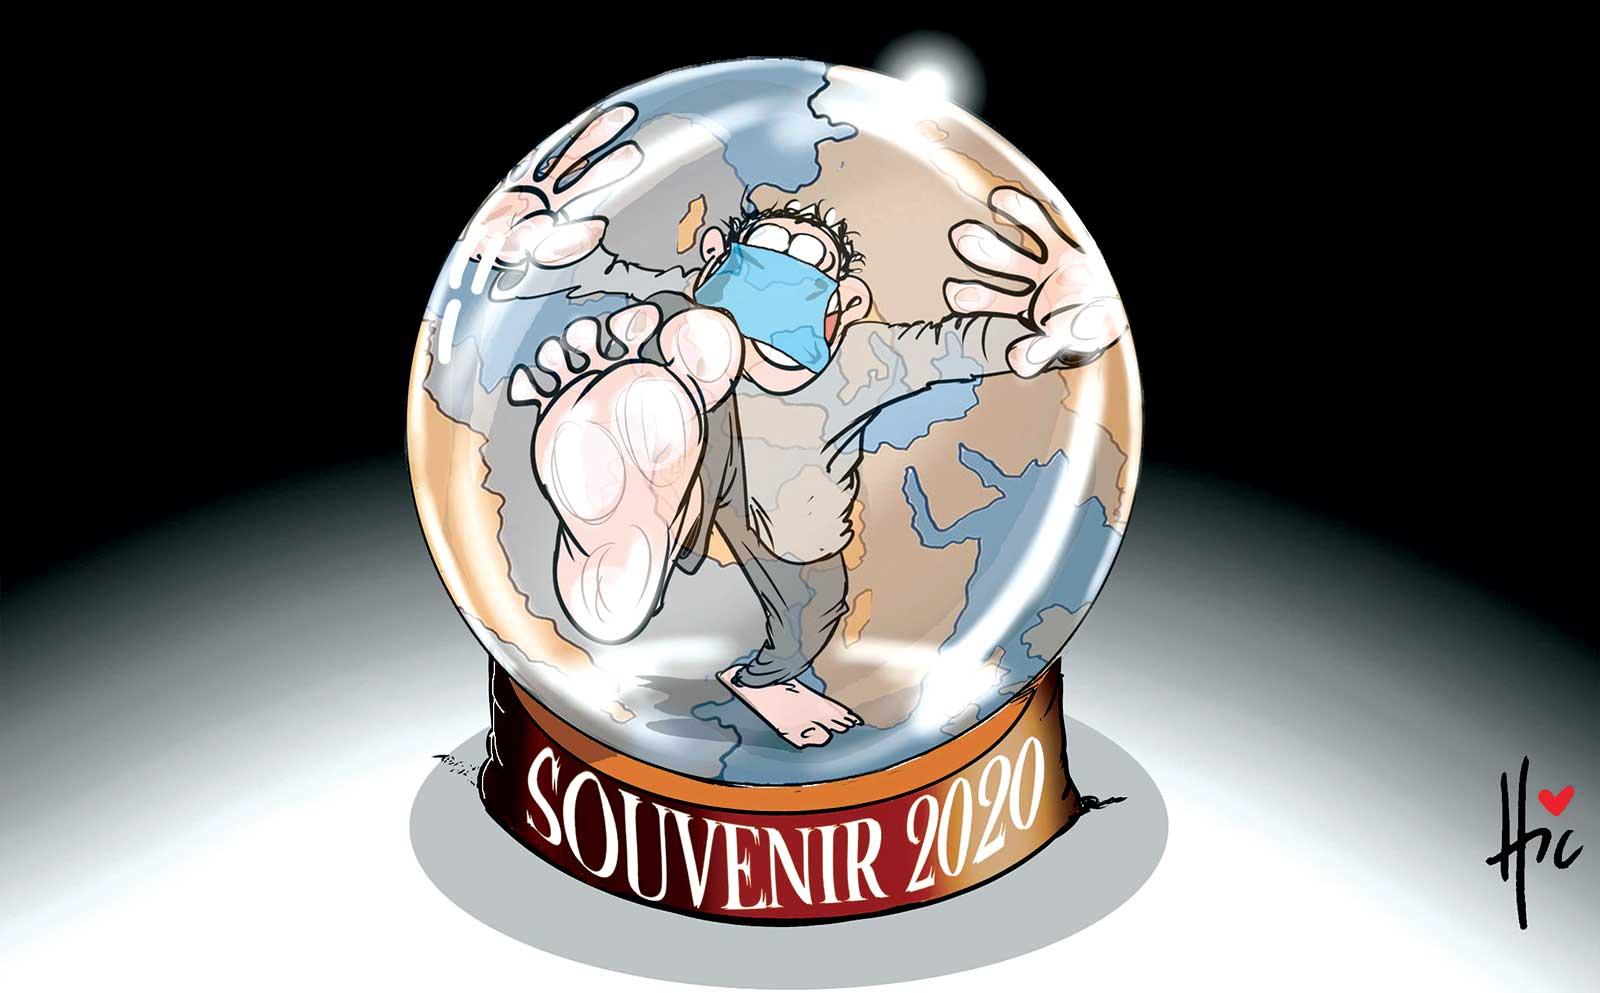 Confinement : Souvenir 2020 - Dessins et Caricatures, Le Hic - El Watan - Gagdz.com